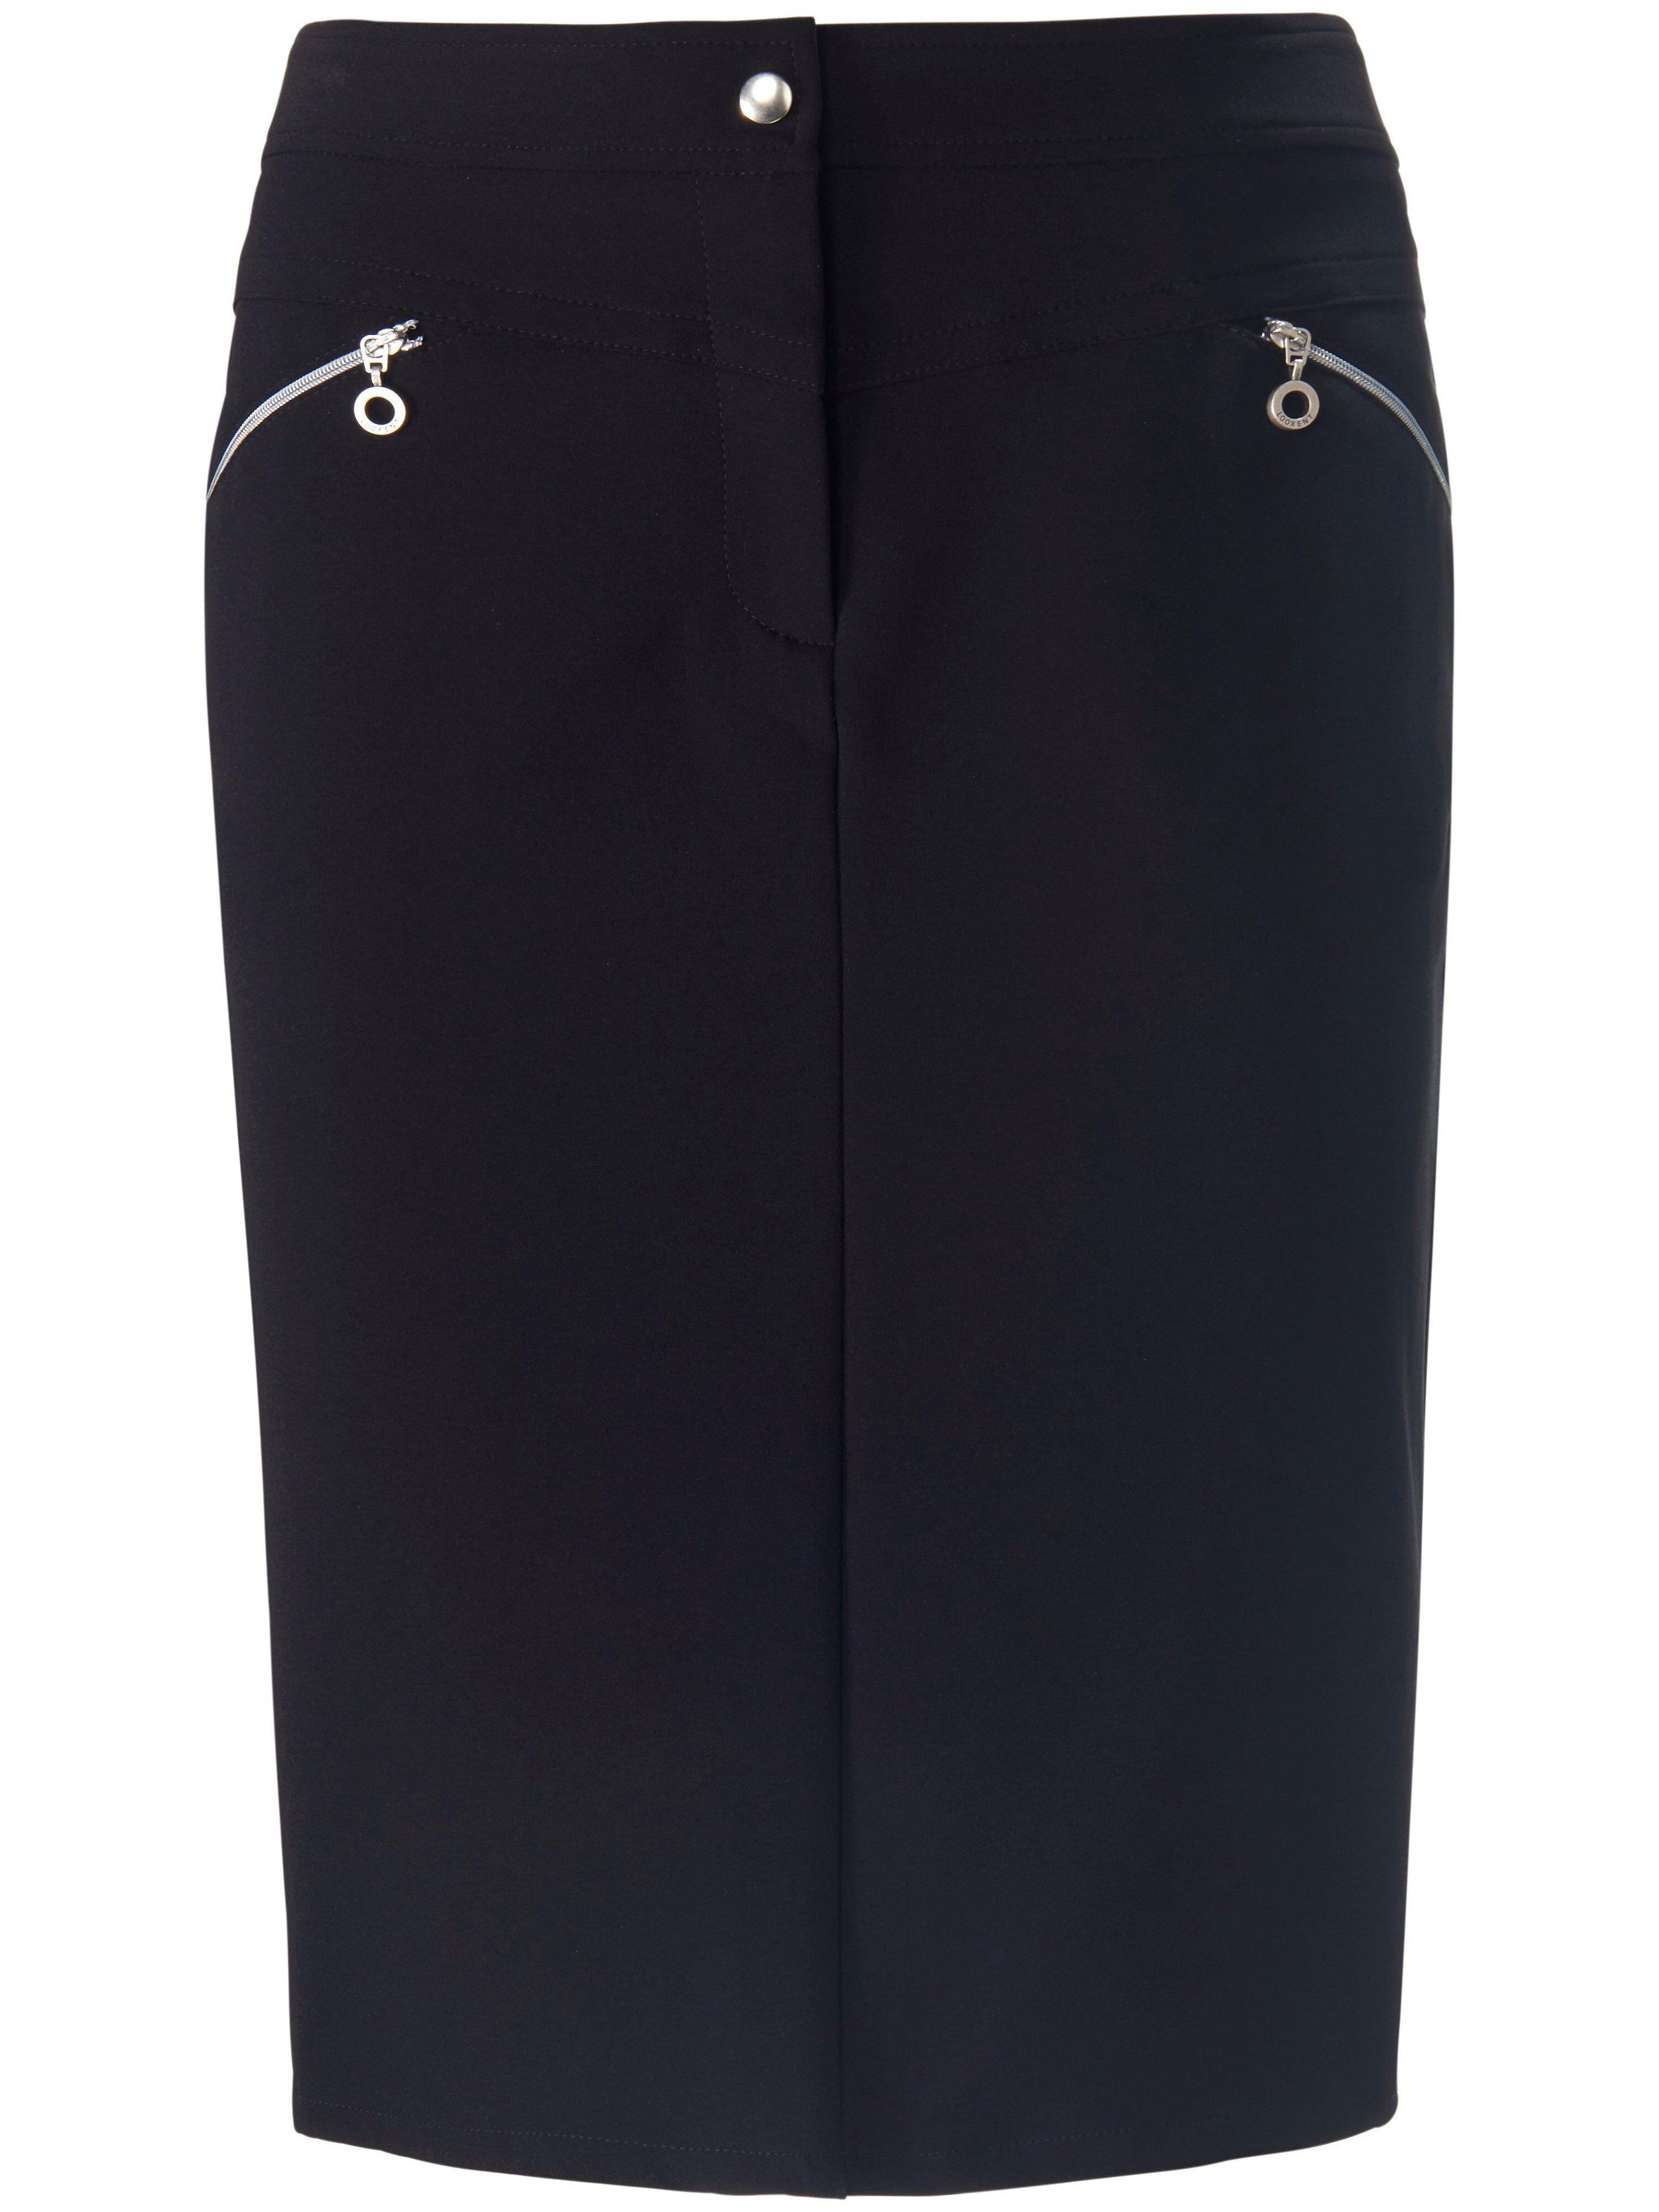 Looxent La jupe ligne droite  Looxent noir  - Femme - 38